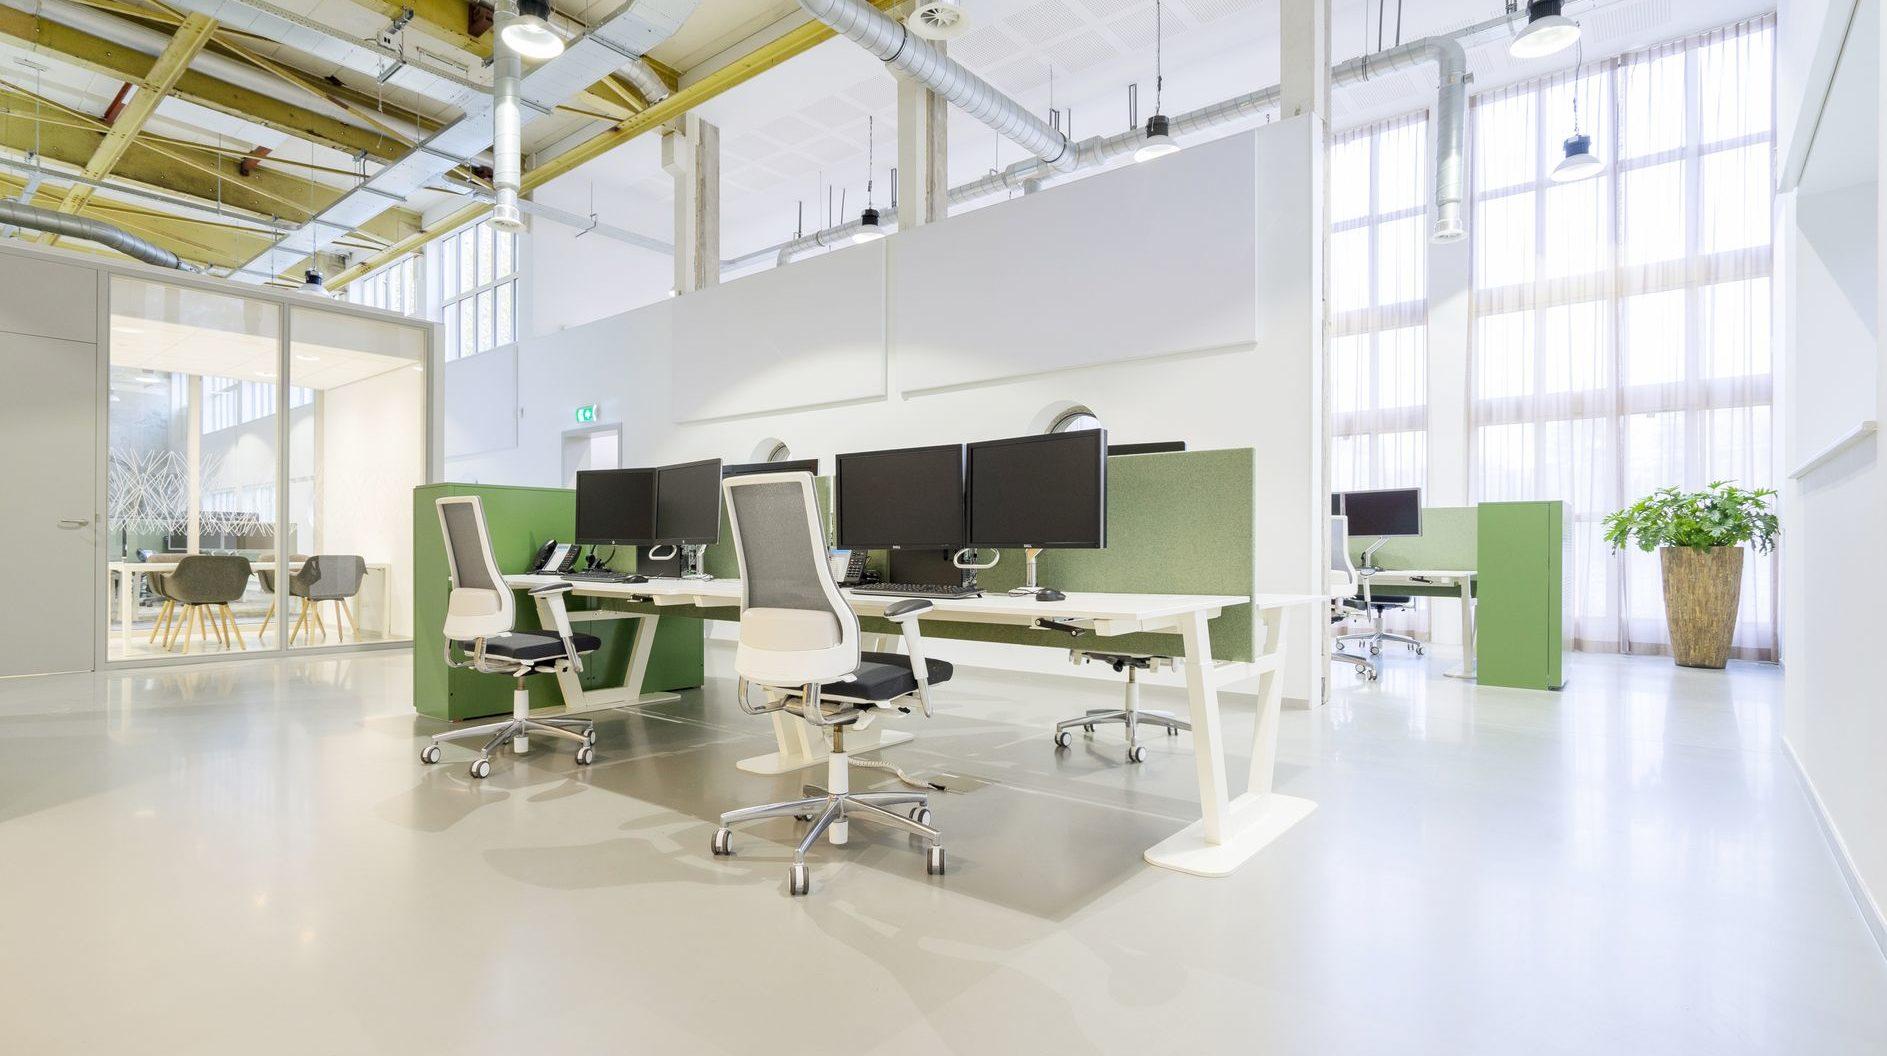 Vepa kantoormeubilair Den Haag kantoorinrichting - bureau Heering Office